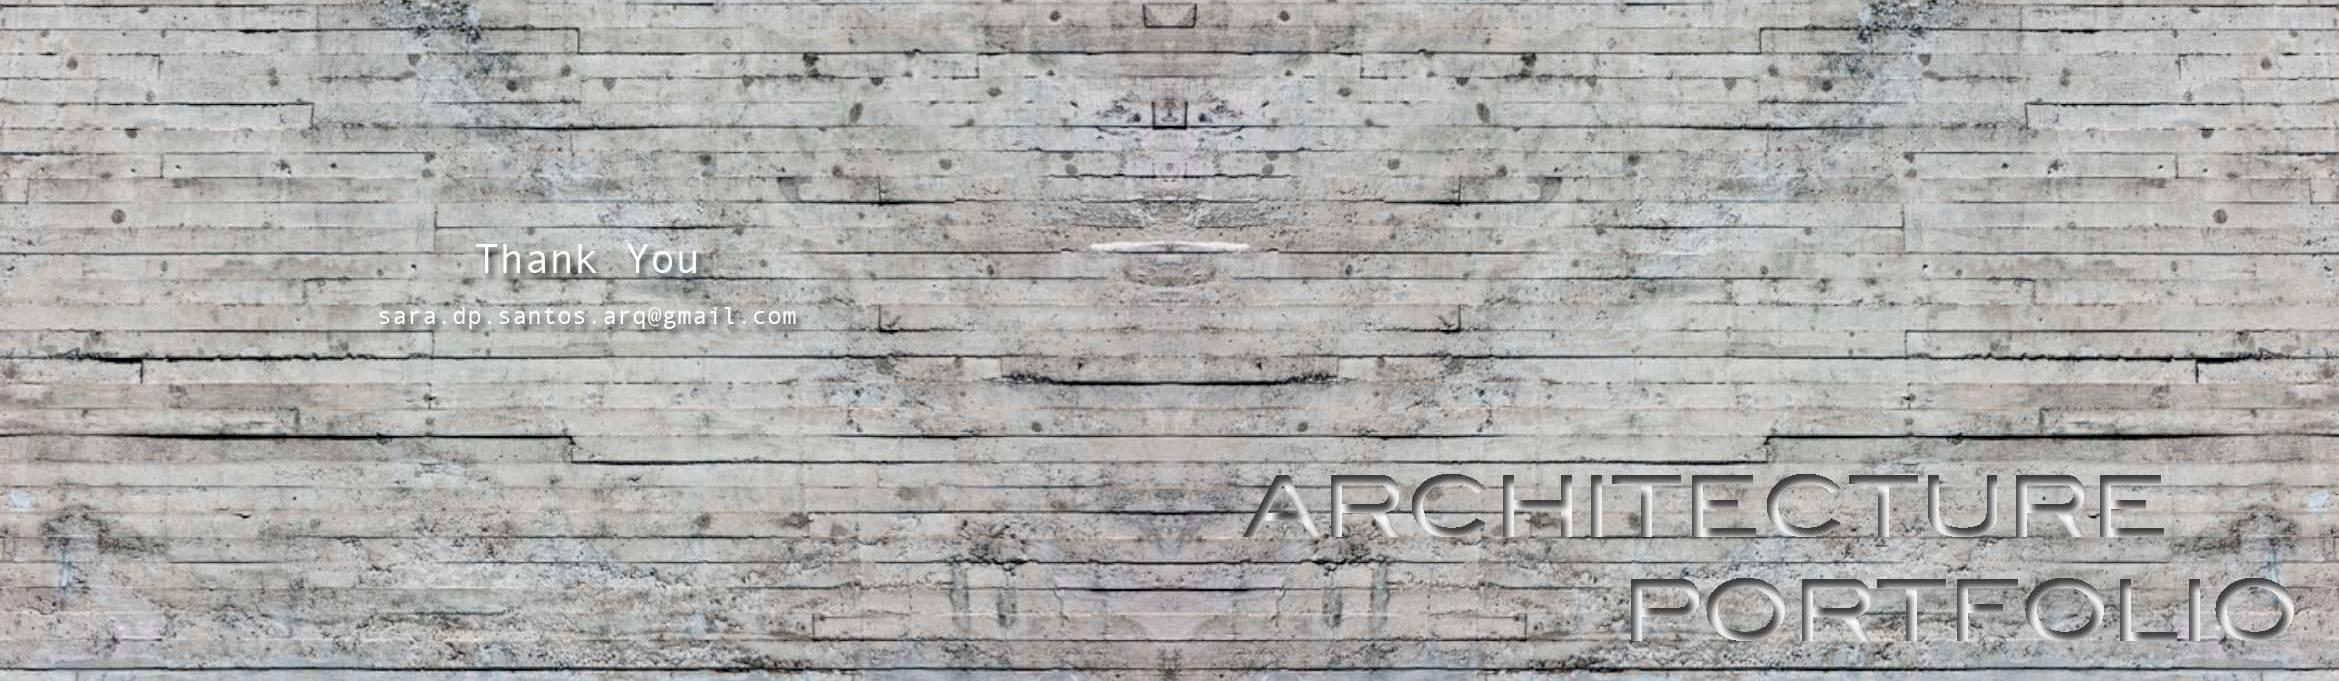 Sara Santos Arquitecta